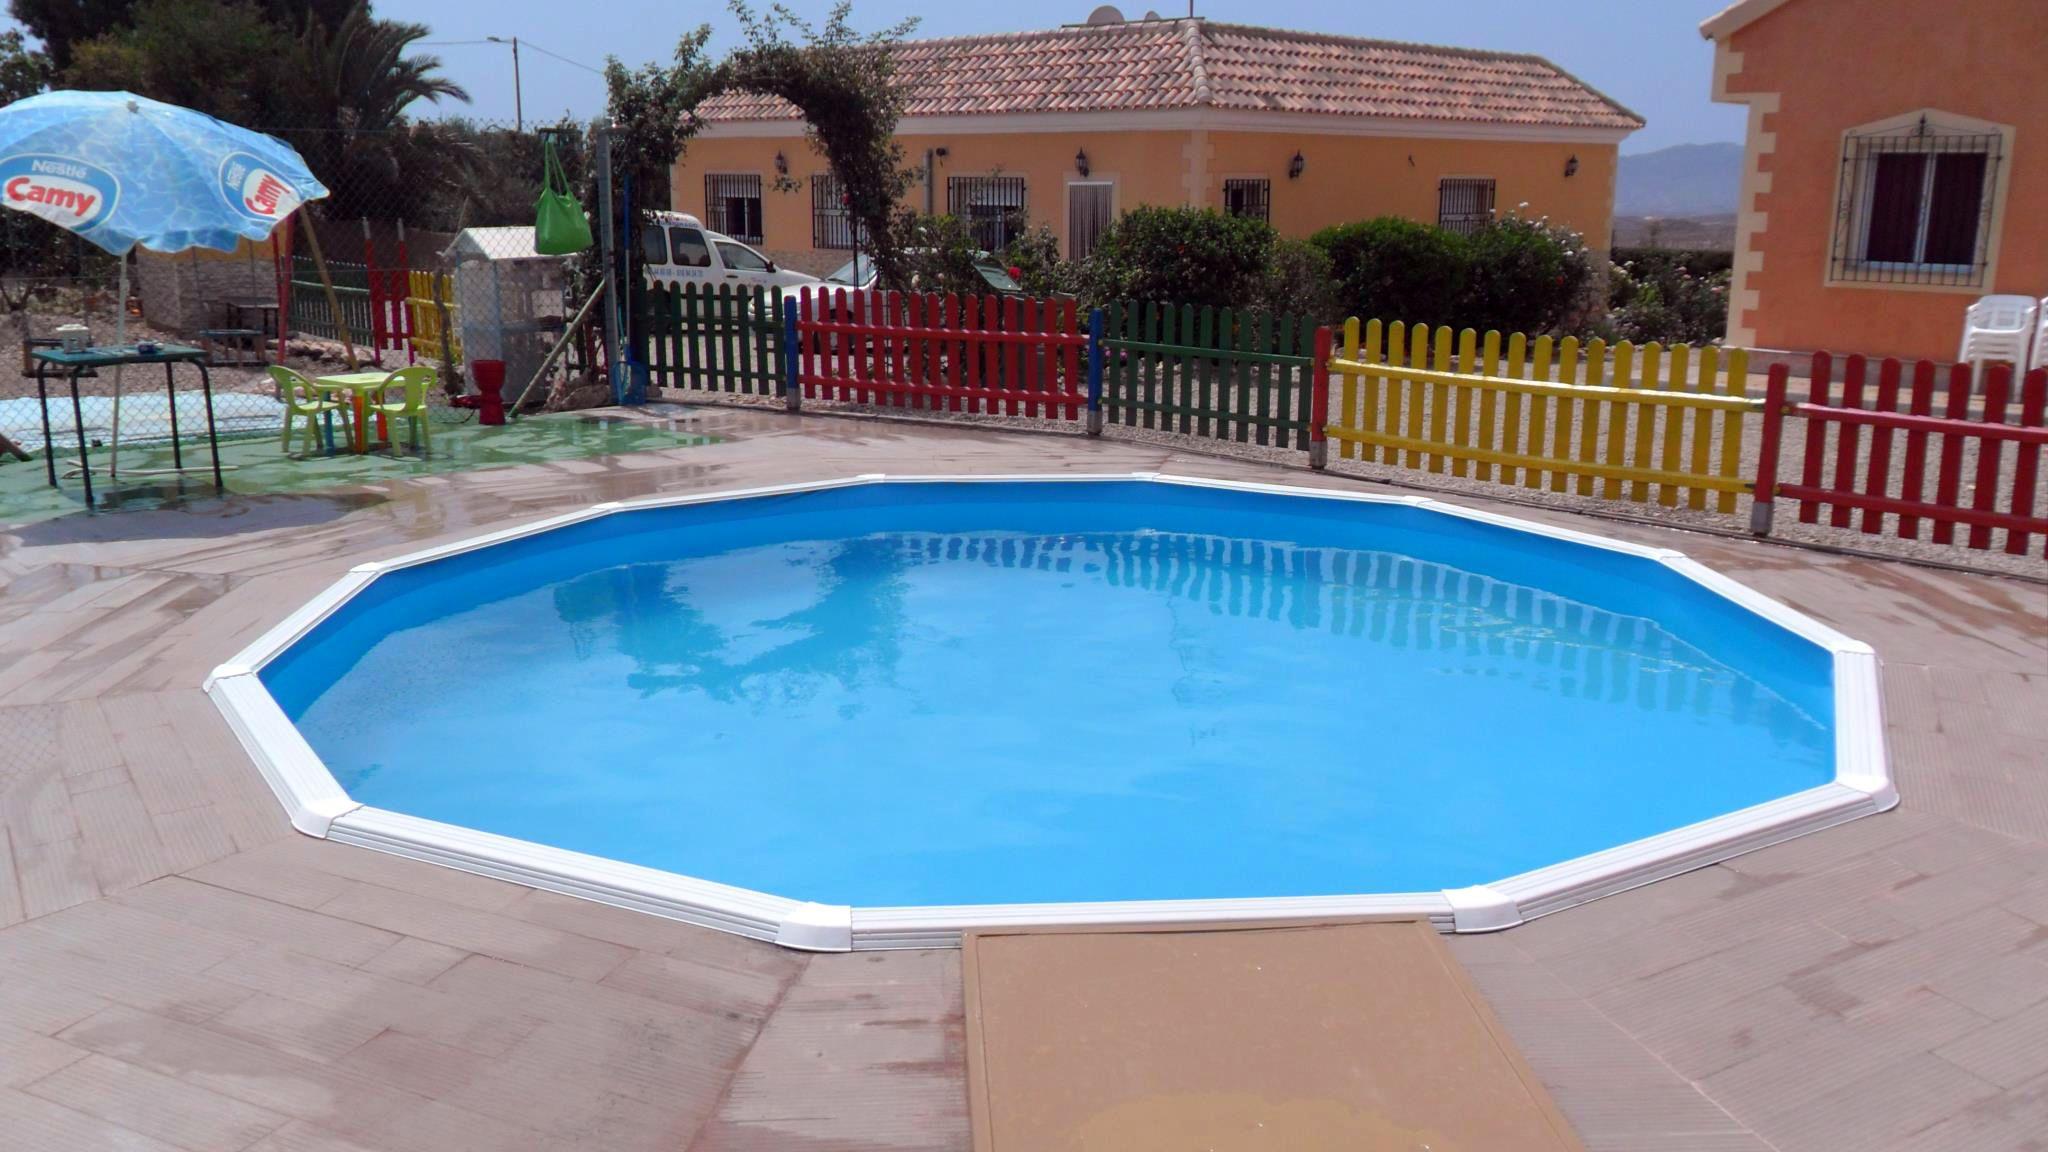 Piscina Toi Circular De 550x120cm. Excelente ejemplo de una piscina desmontable enterrada.